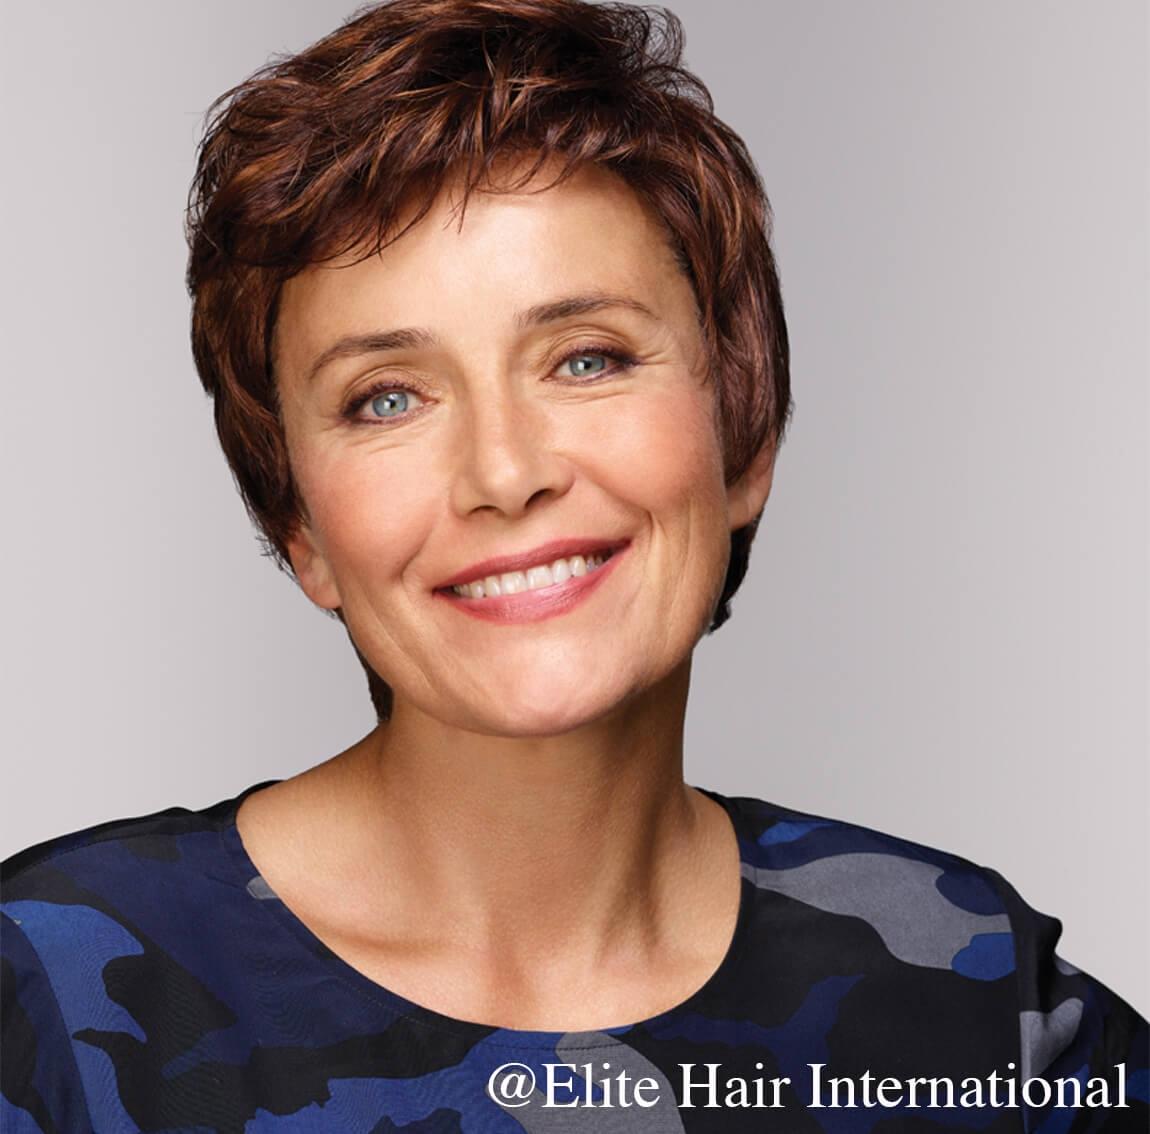 La perruque Caresse est une coupe courte d'une grande élégance en cheveux de synthèse, Elite Hair International